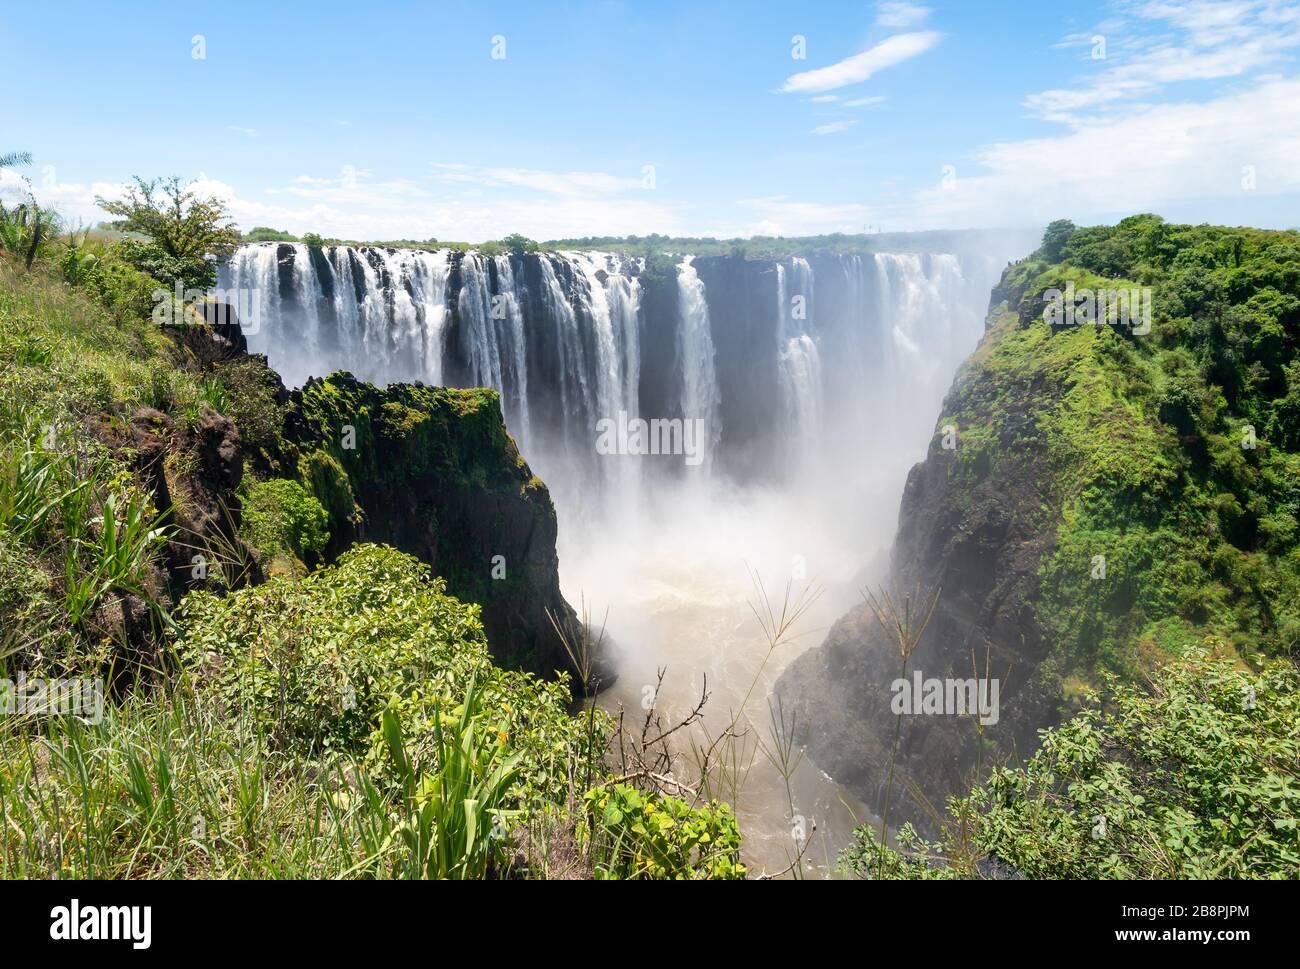 Vue panoramique sur le magnifique parc national des chutes Victoria du côté du Zimbabwe sur le continent africain. Chutes d'eau à proximité de la frontière avec la Zambie. Banque D'Images